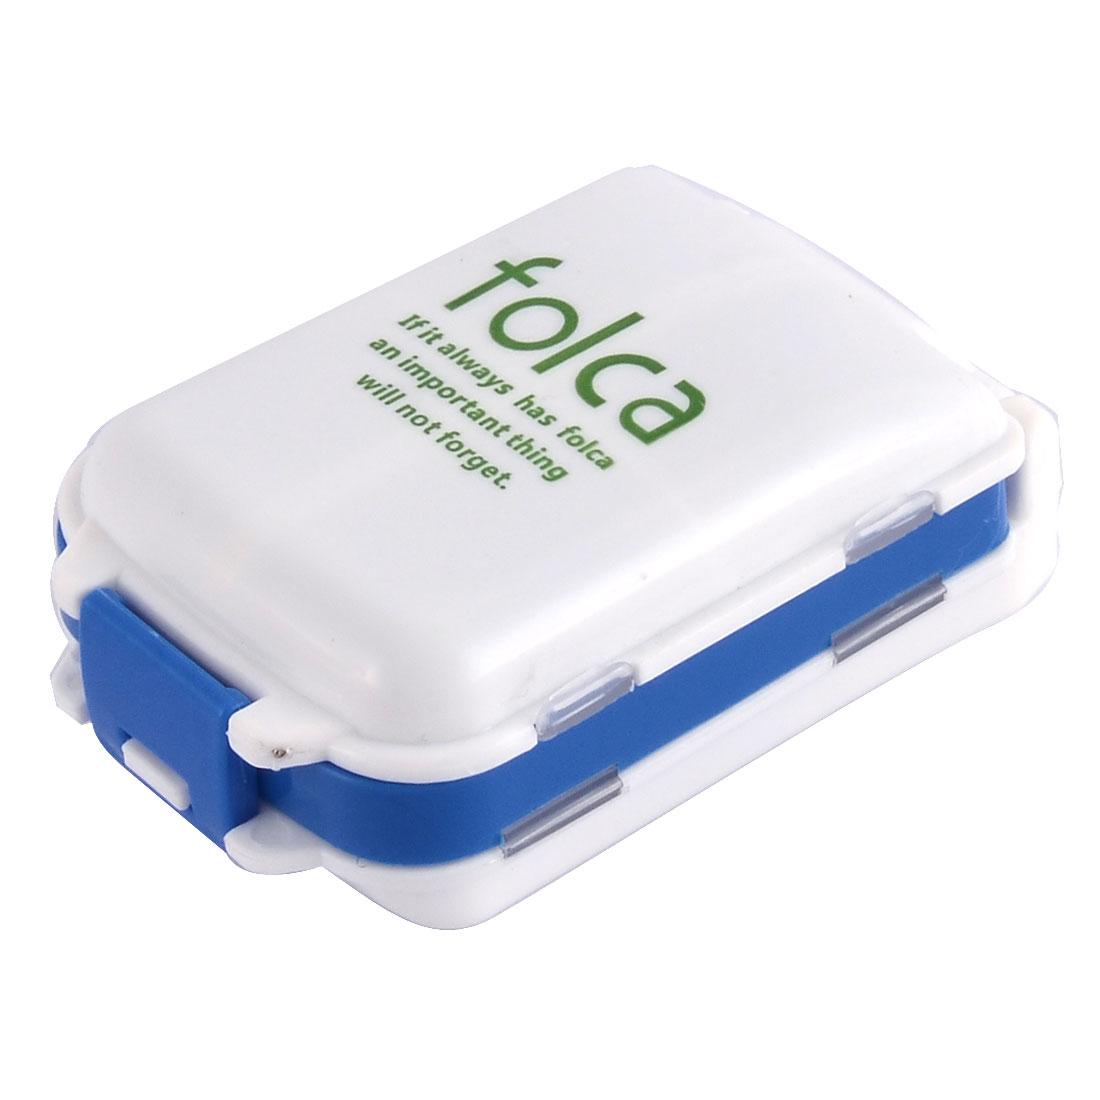 Plastic Square Shape 3 Layers Medicine Pill Box Case Container White Blue